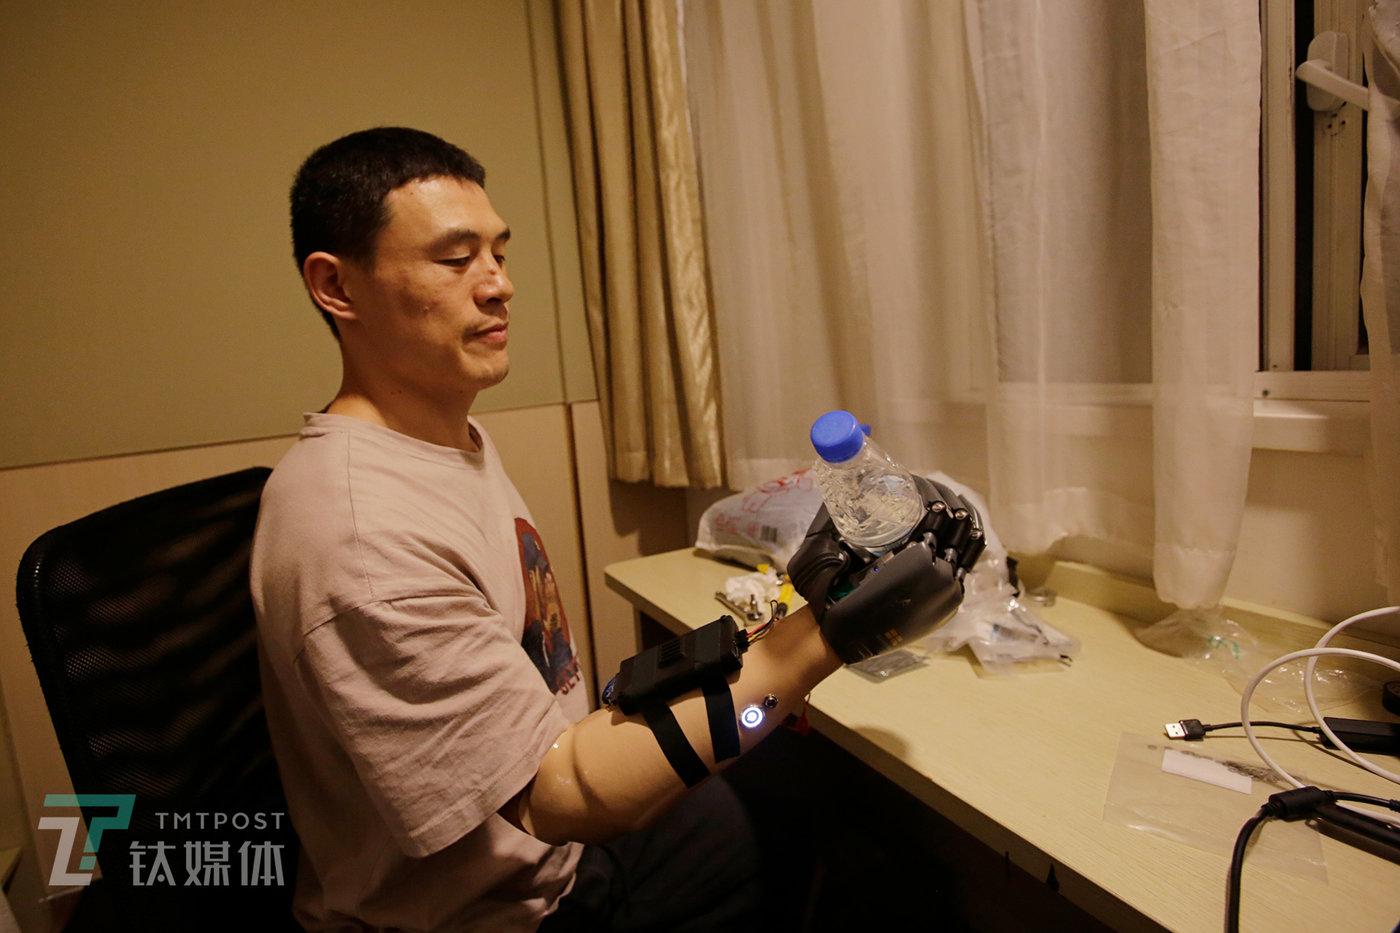 测试过程中,倪敏成用假手抓起一瓶矿泉水,通过长期合作和测试,这对他来说已经轻而易举。